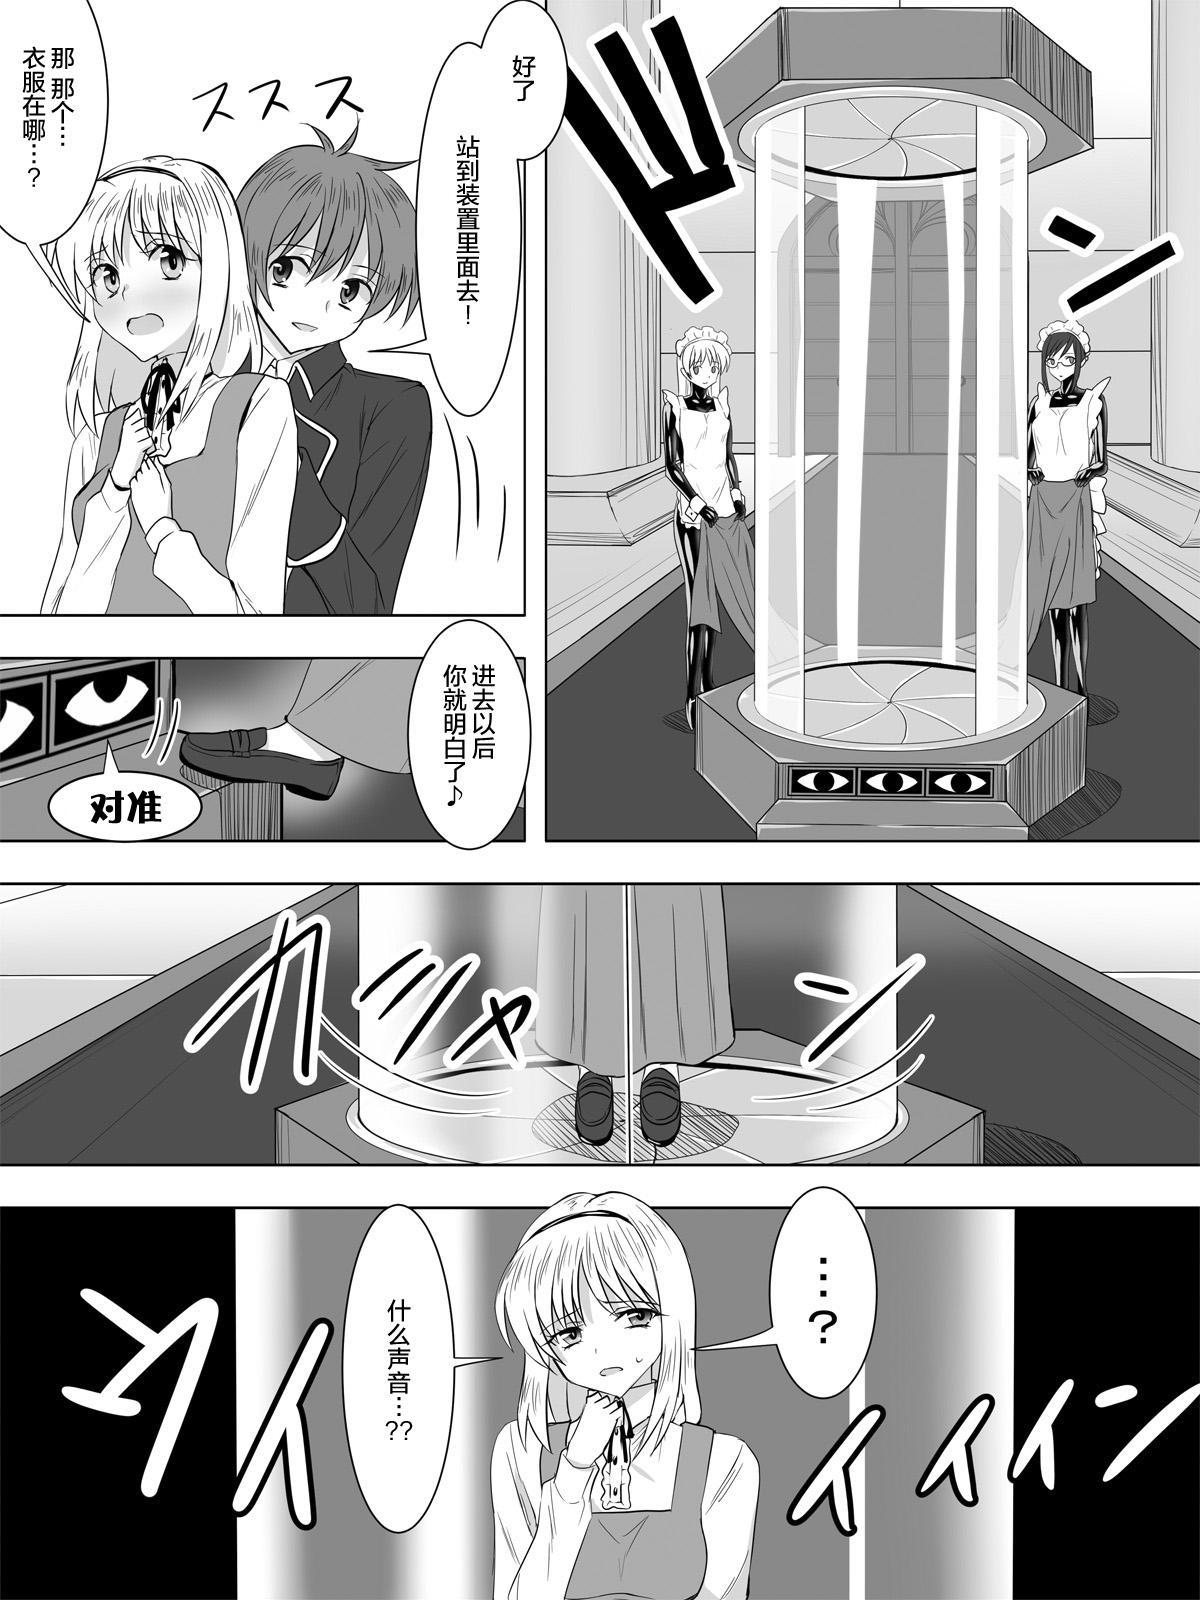 Picchiri Suit Maid to Doutei Kizoku 2